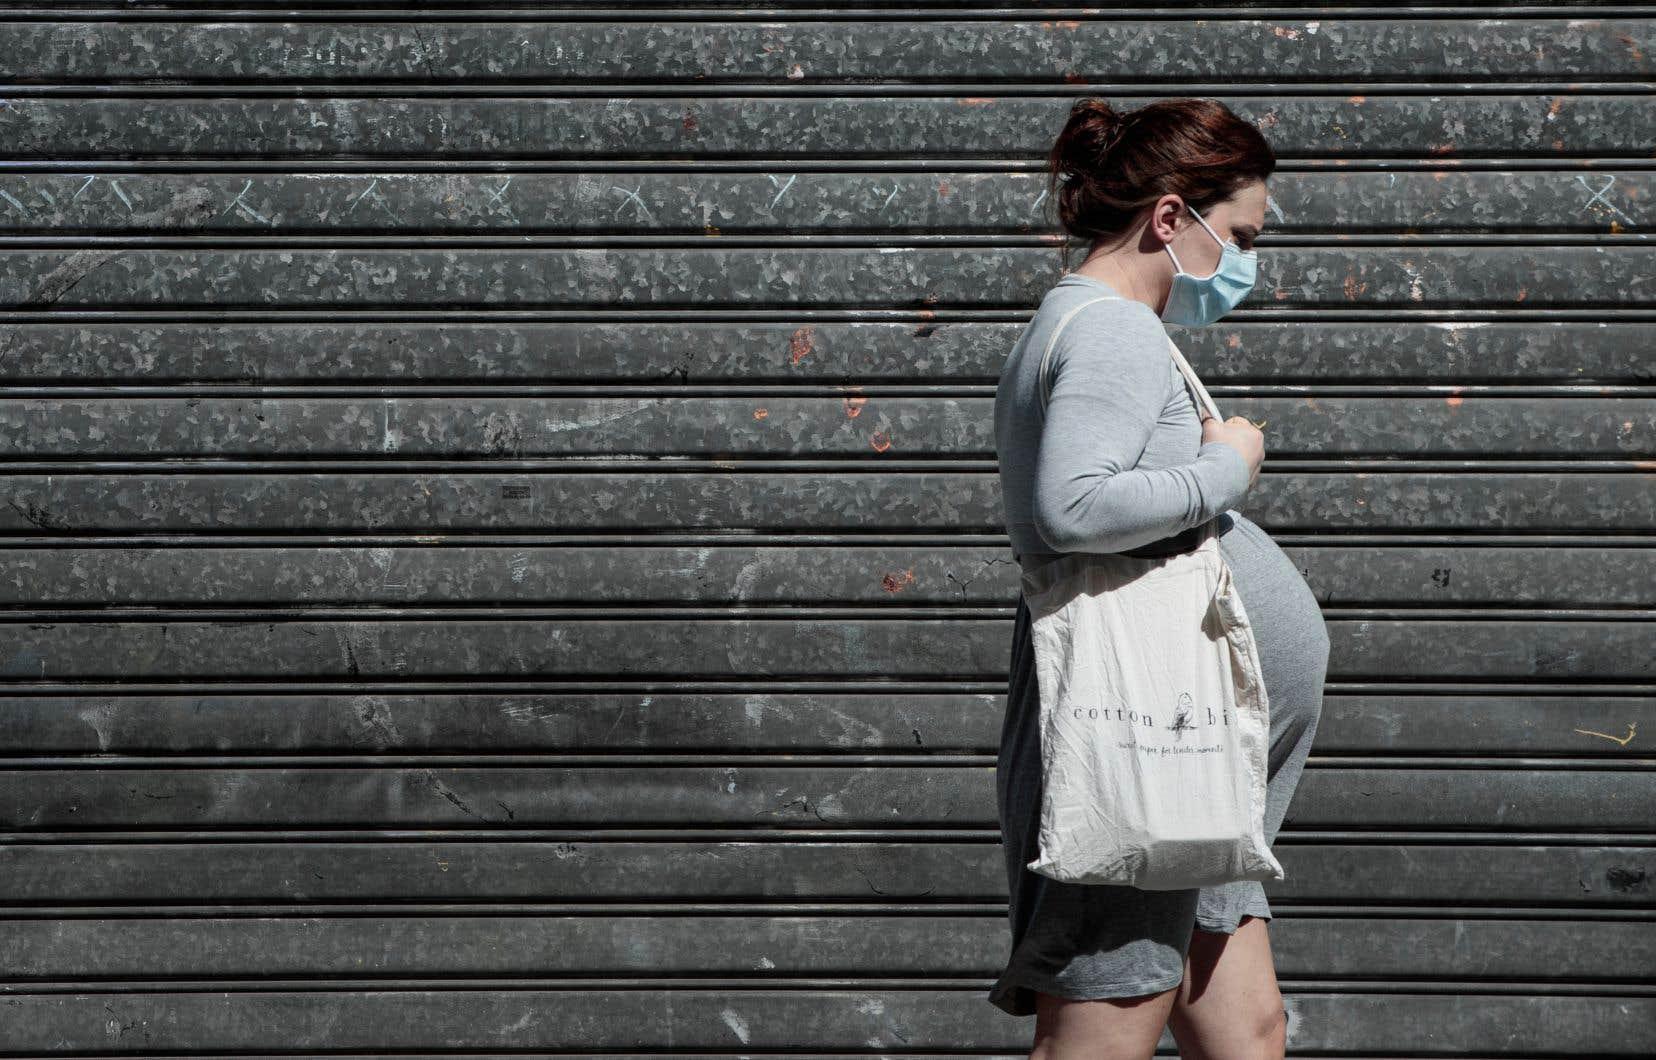 Les femmes enceintes atteintes de la COVID-19 ont un taux d'hospitalisation trois à cinq fois supérieur à celui des femmes non enceintes qui ont la COVID-19 et qui sont du même âge qu'elles, selon la gynécologue-obstétricienne au CHU Sainte-Justine Isabelle Boucoiran.